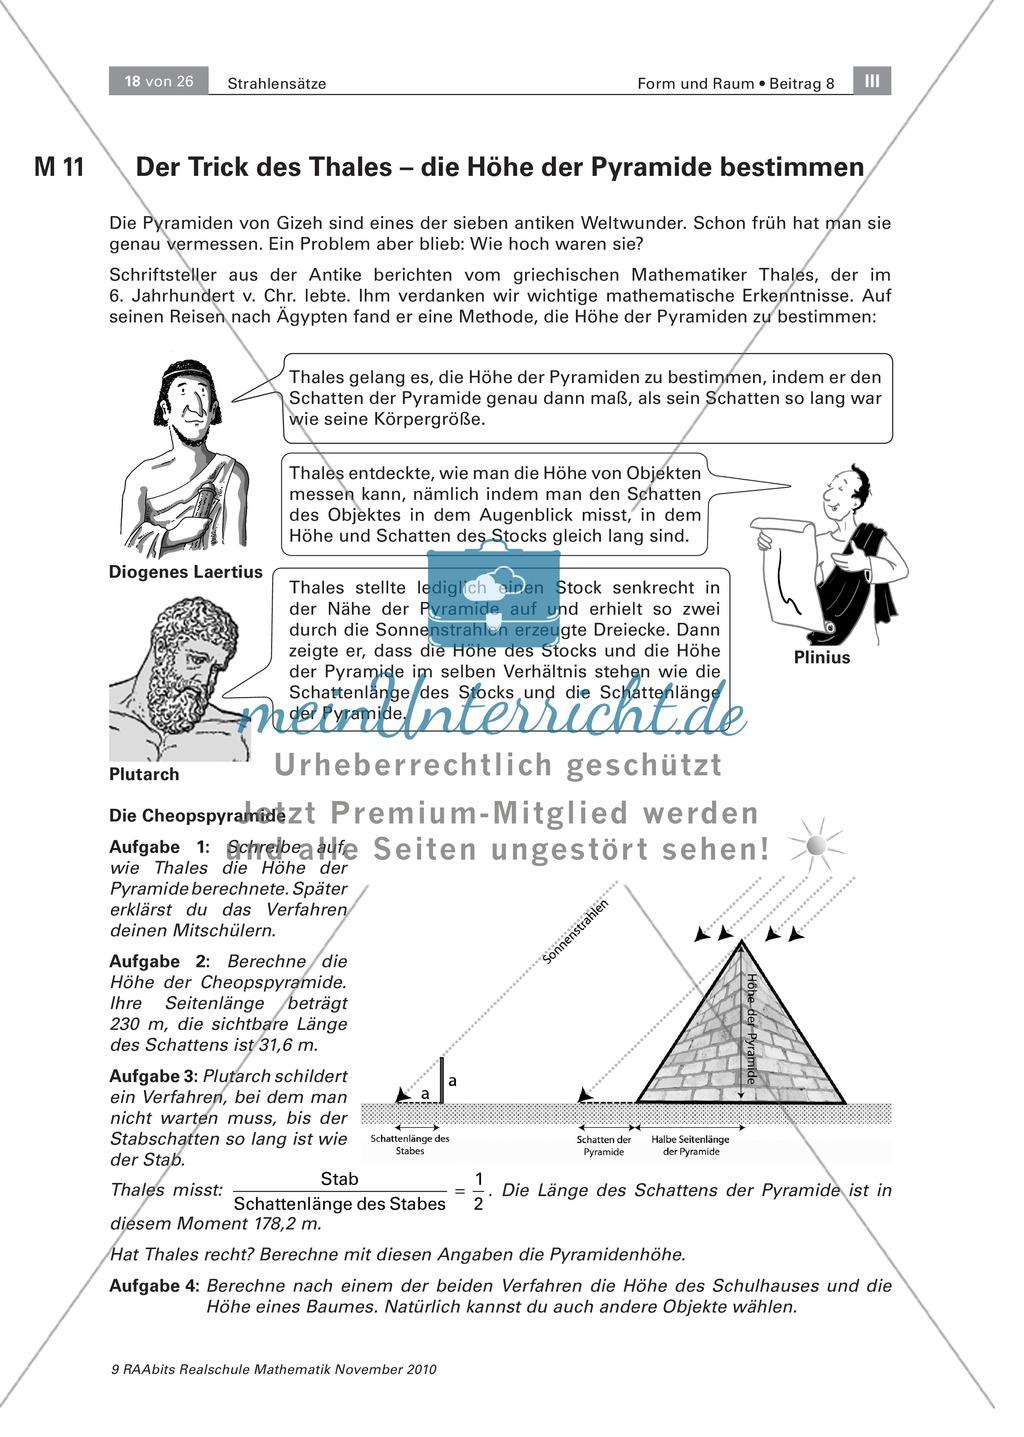 Bestimmung der Höhe einer Pyramide - Transfer zum Strahlensatz ...